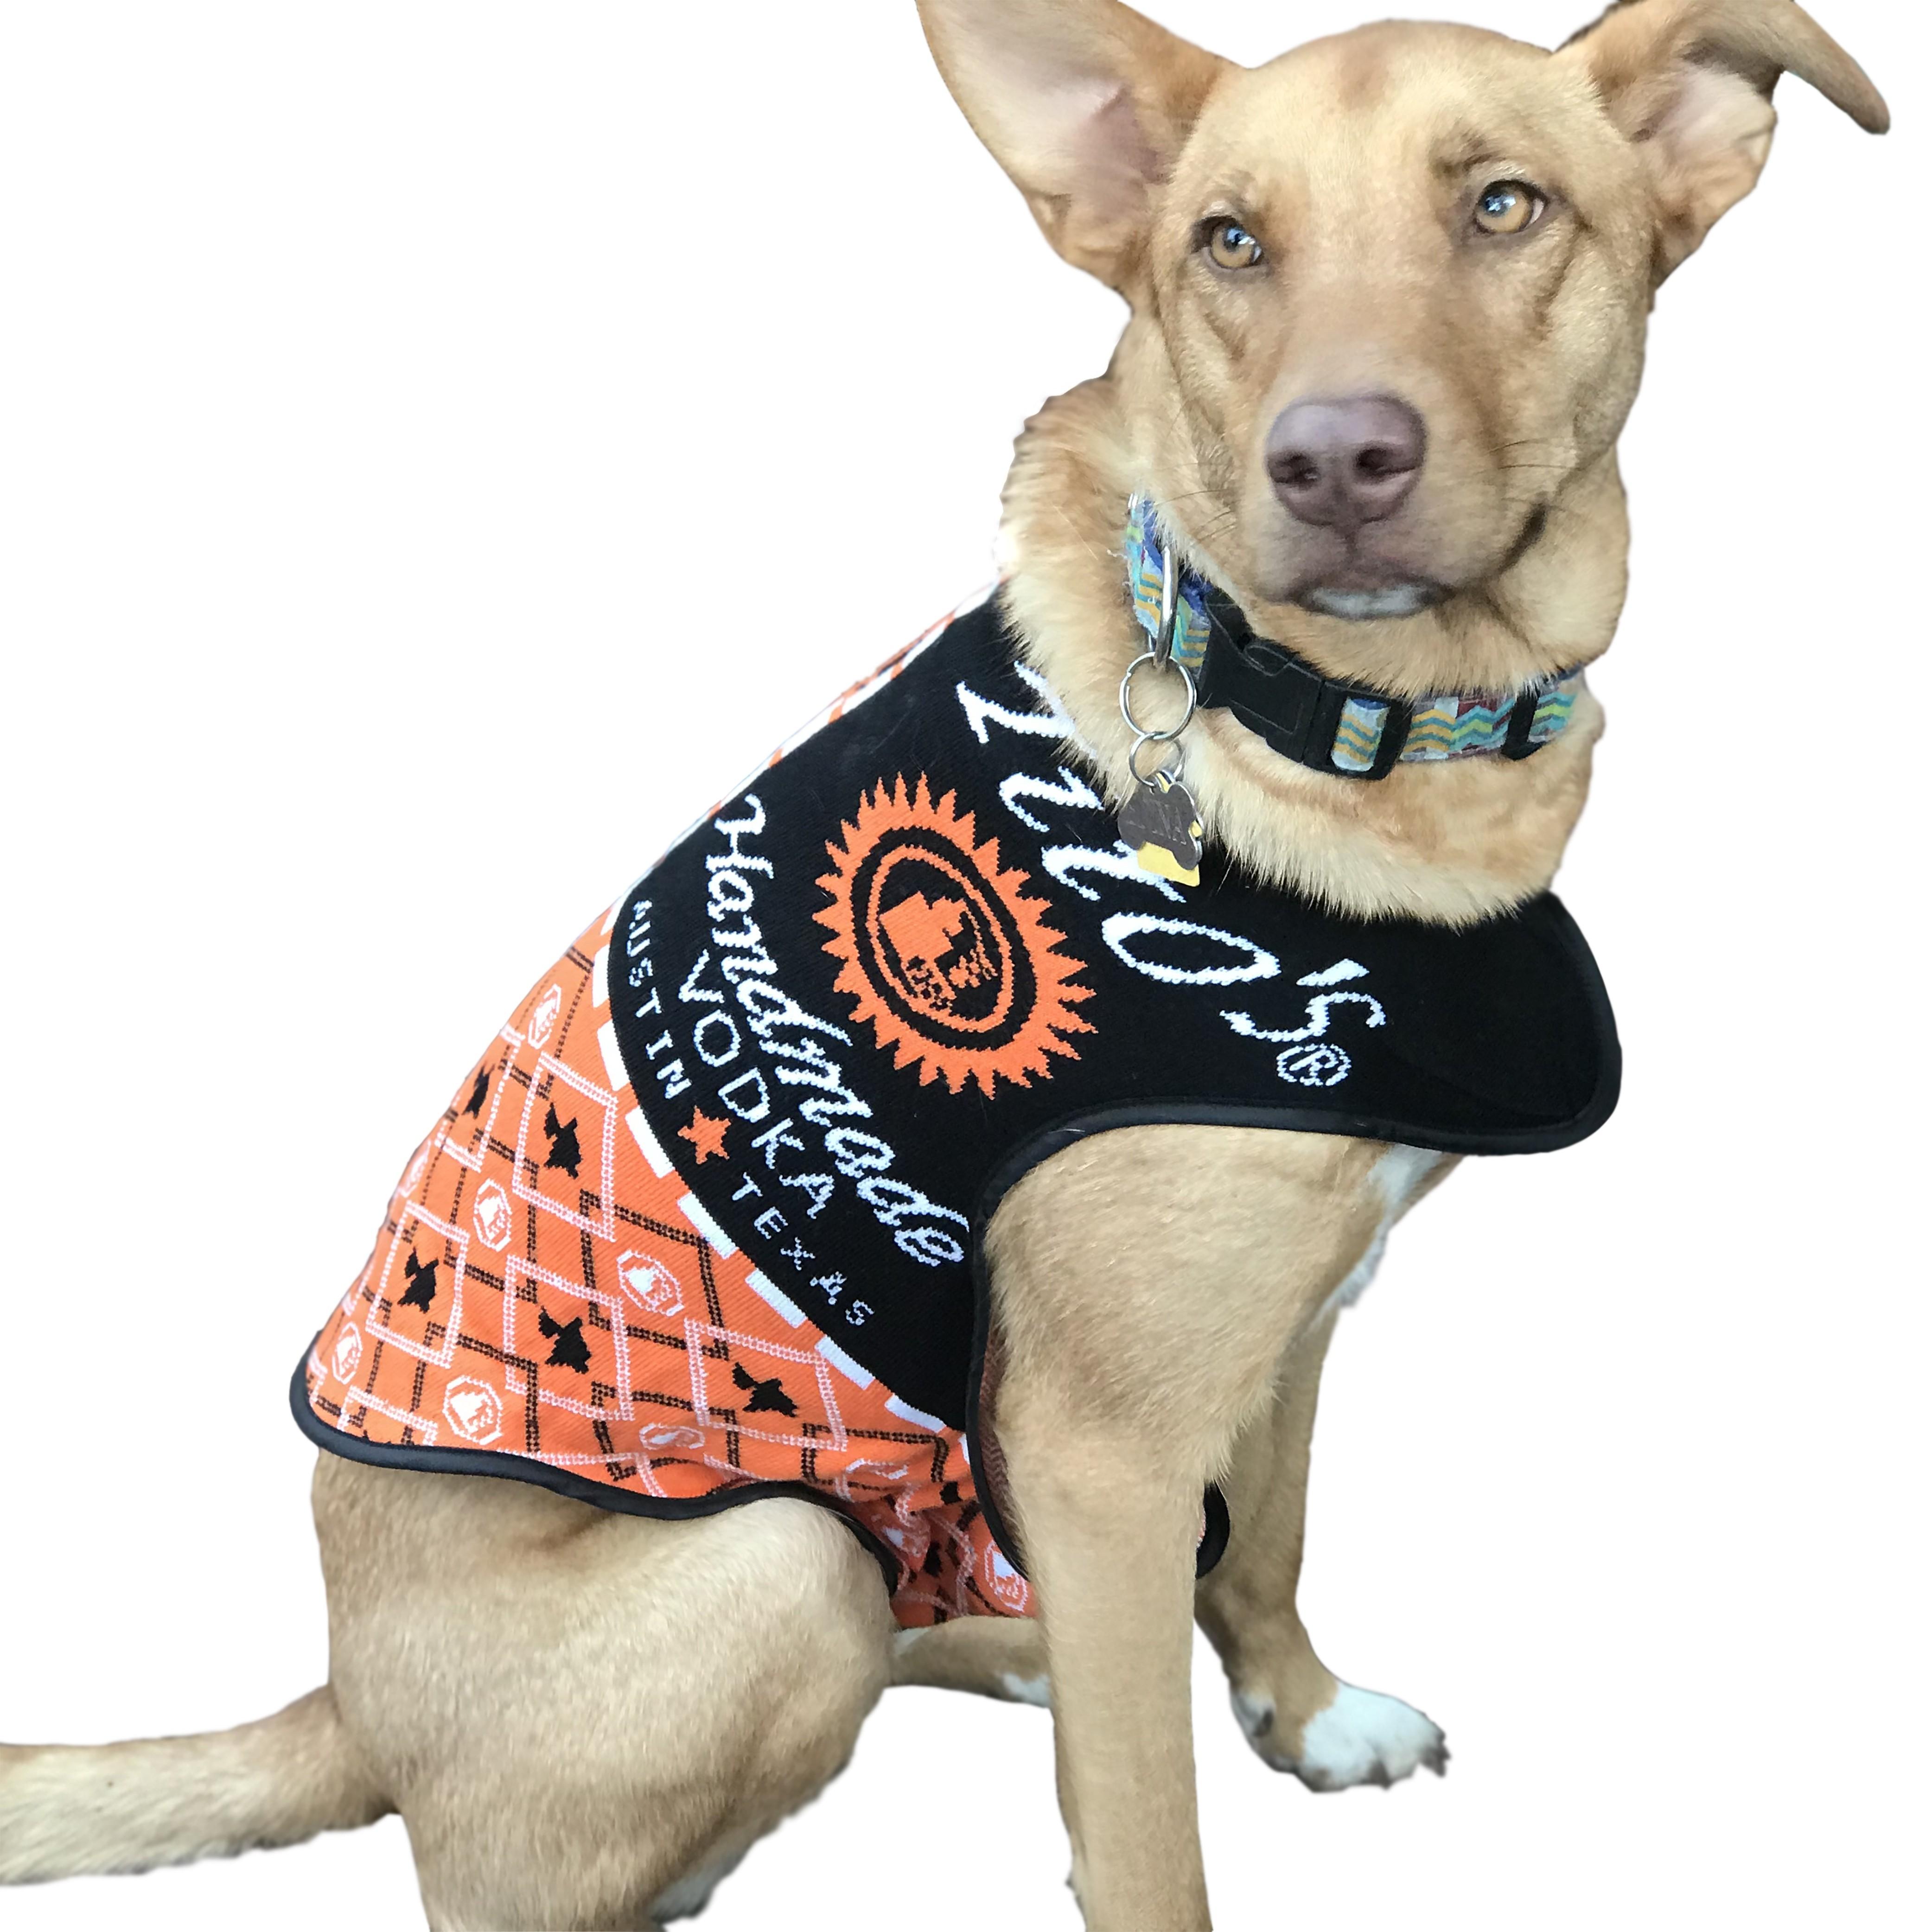 Tito's Handmade Vodka Store Tito's Dog Sweater